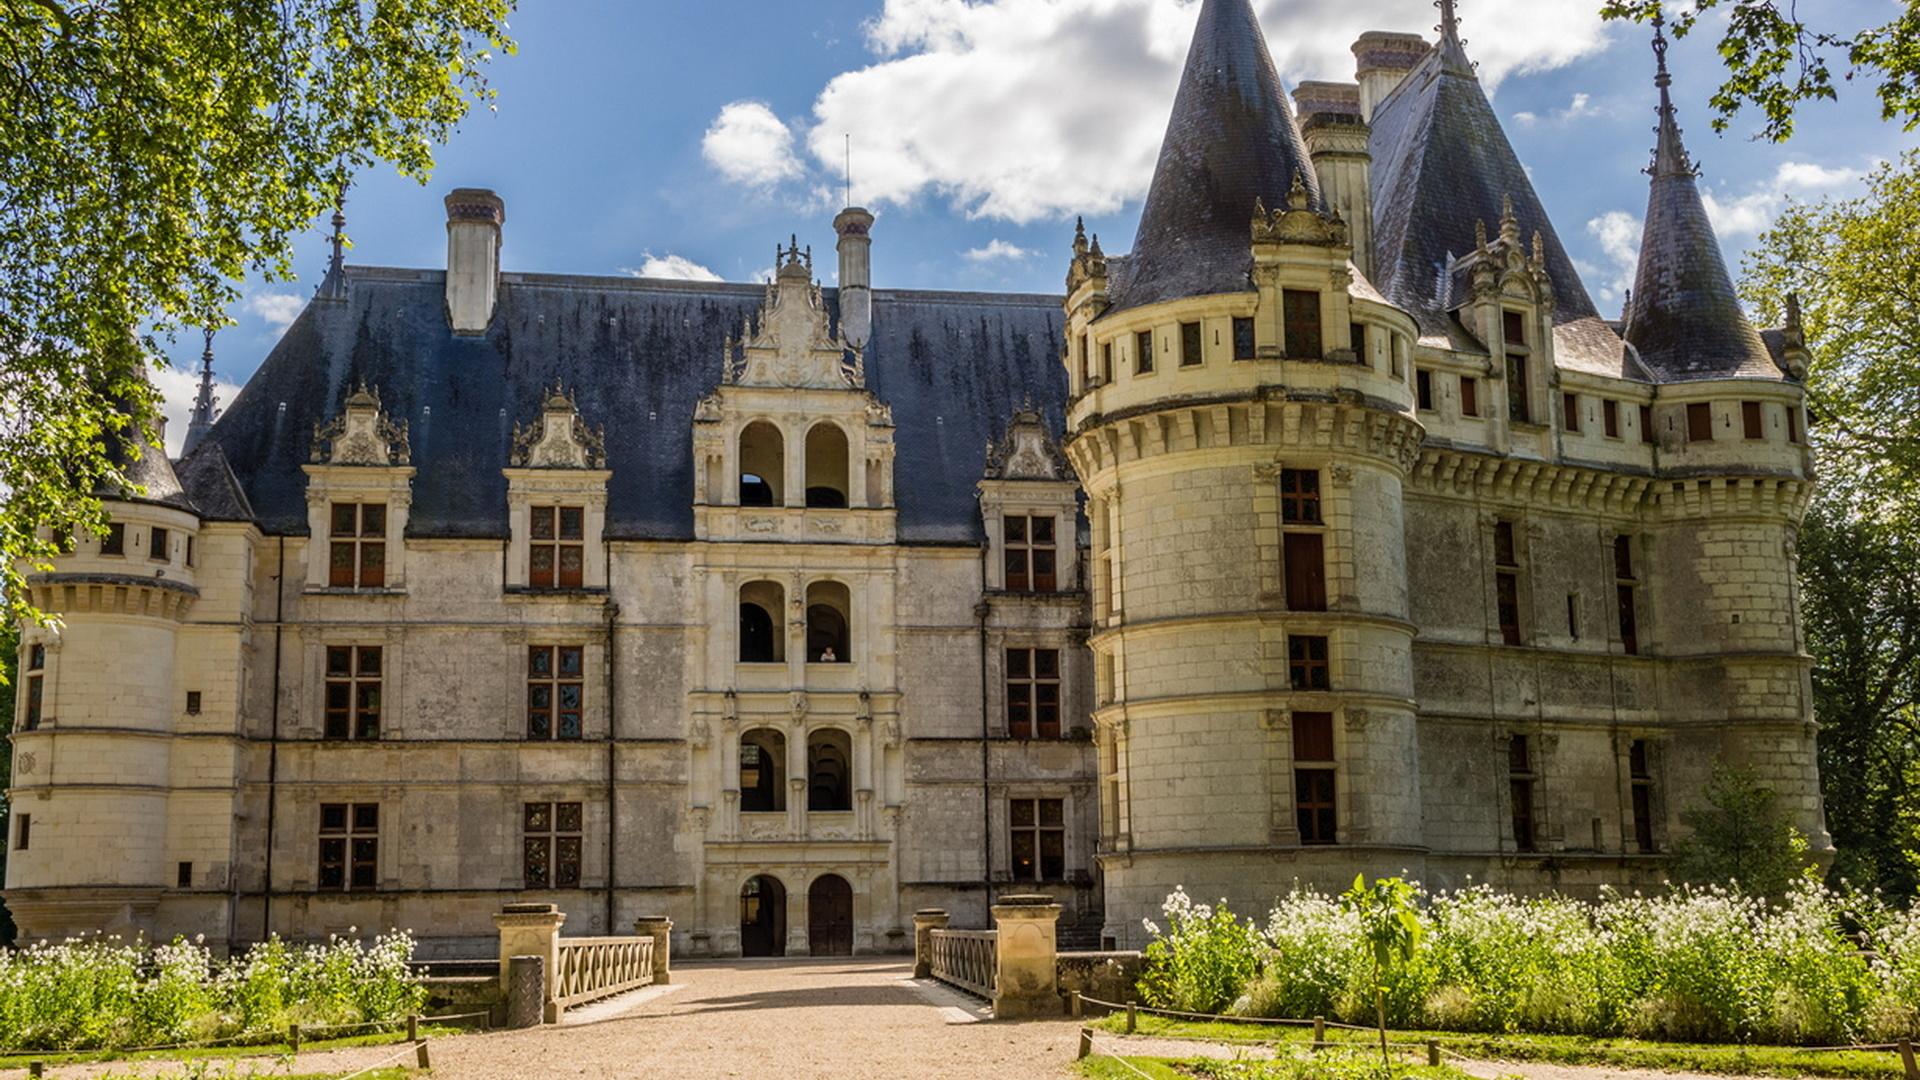 франция, замок, замки франции, красота, замки мира,